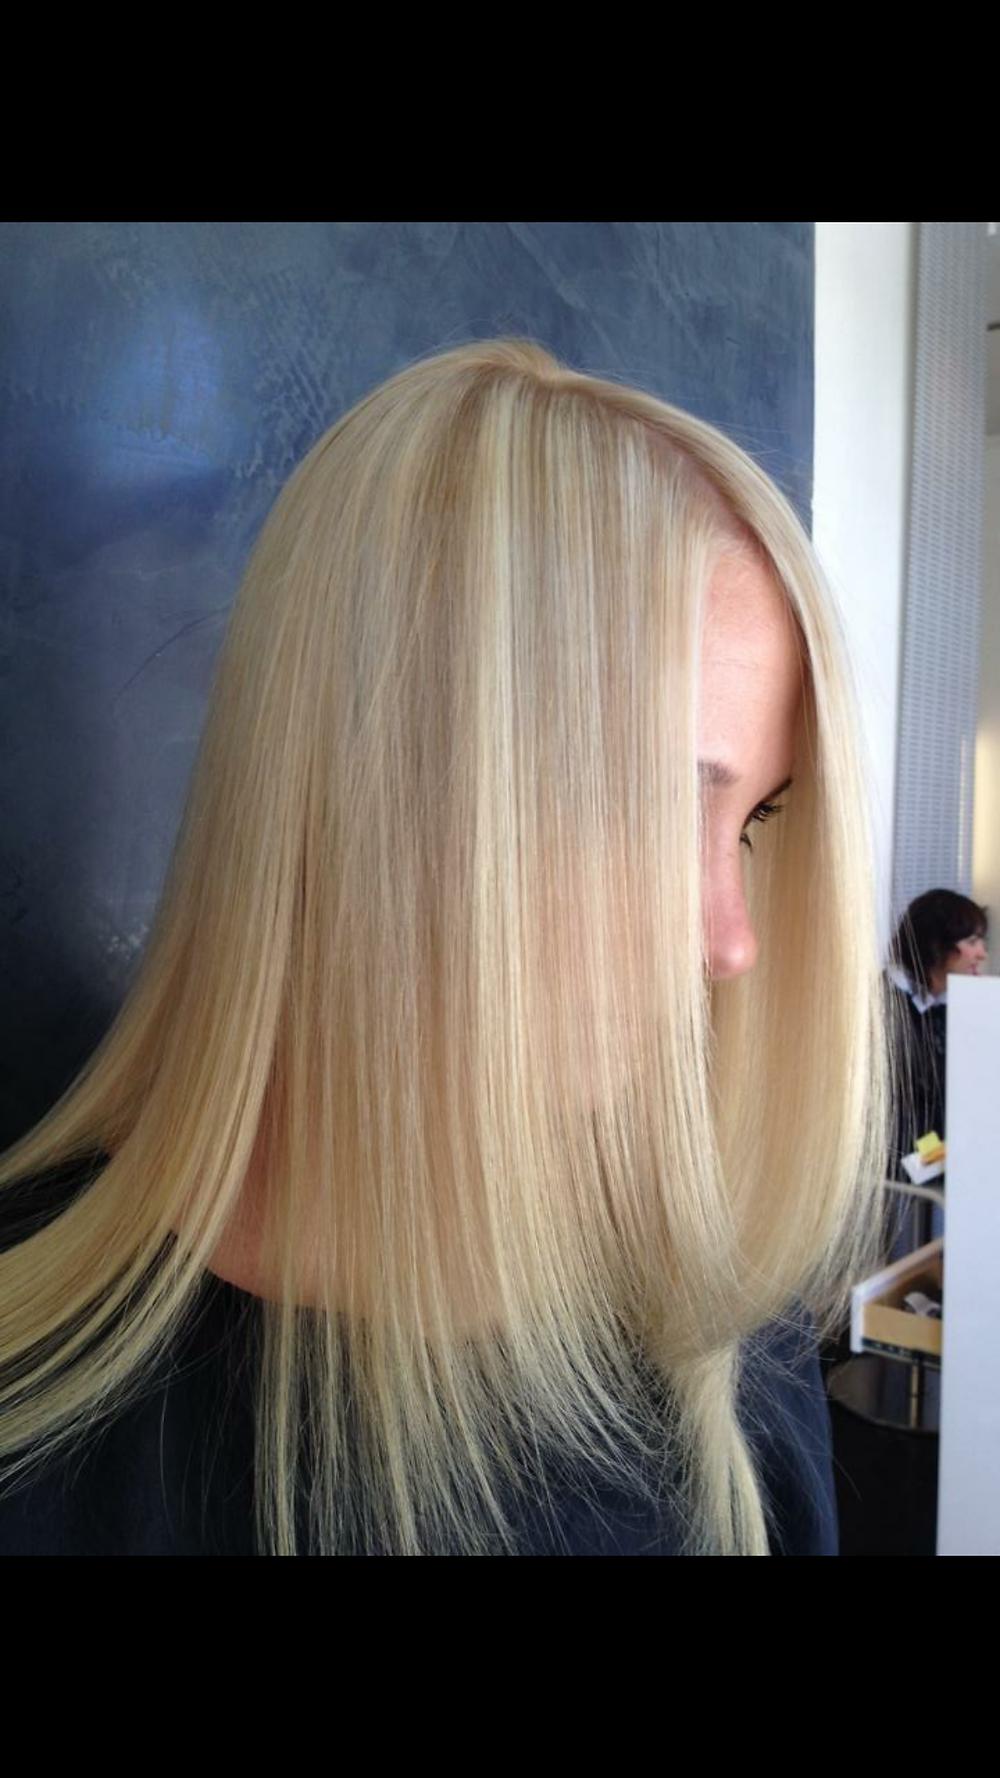 blonde newton haircut treatment healthy hair